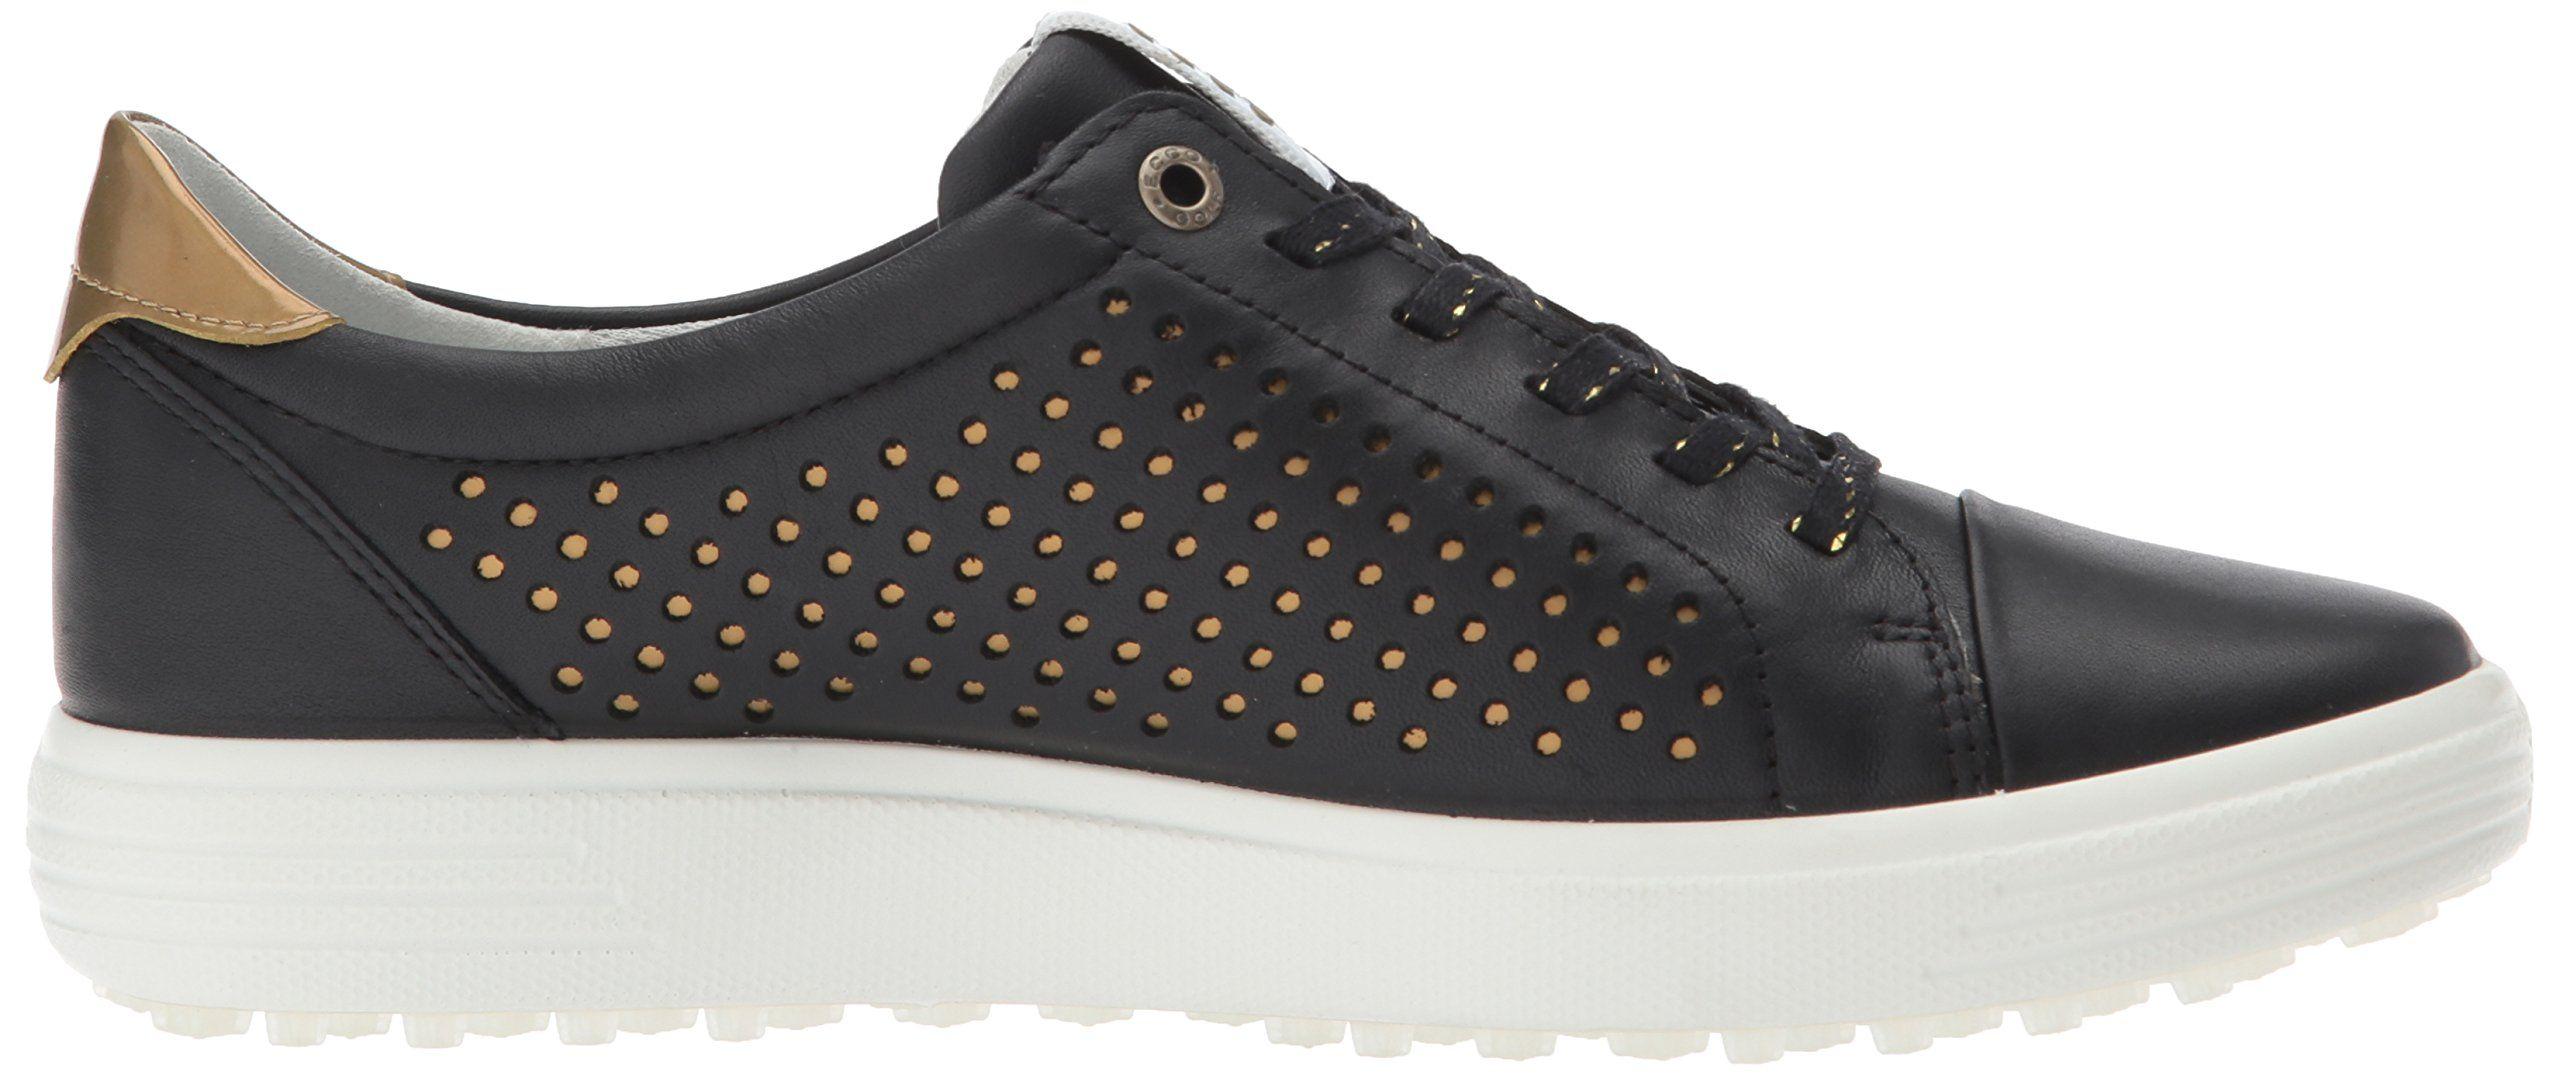 ECCO Womens Casual Hybrid Perforated Golf Shoe Black 38 EU 77.5 M US   To e8b93599da467